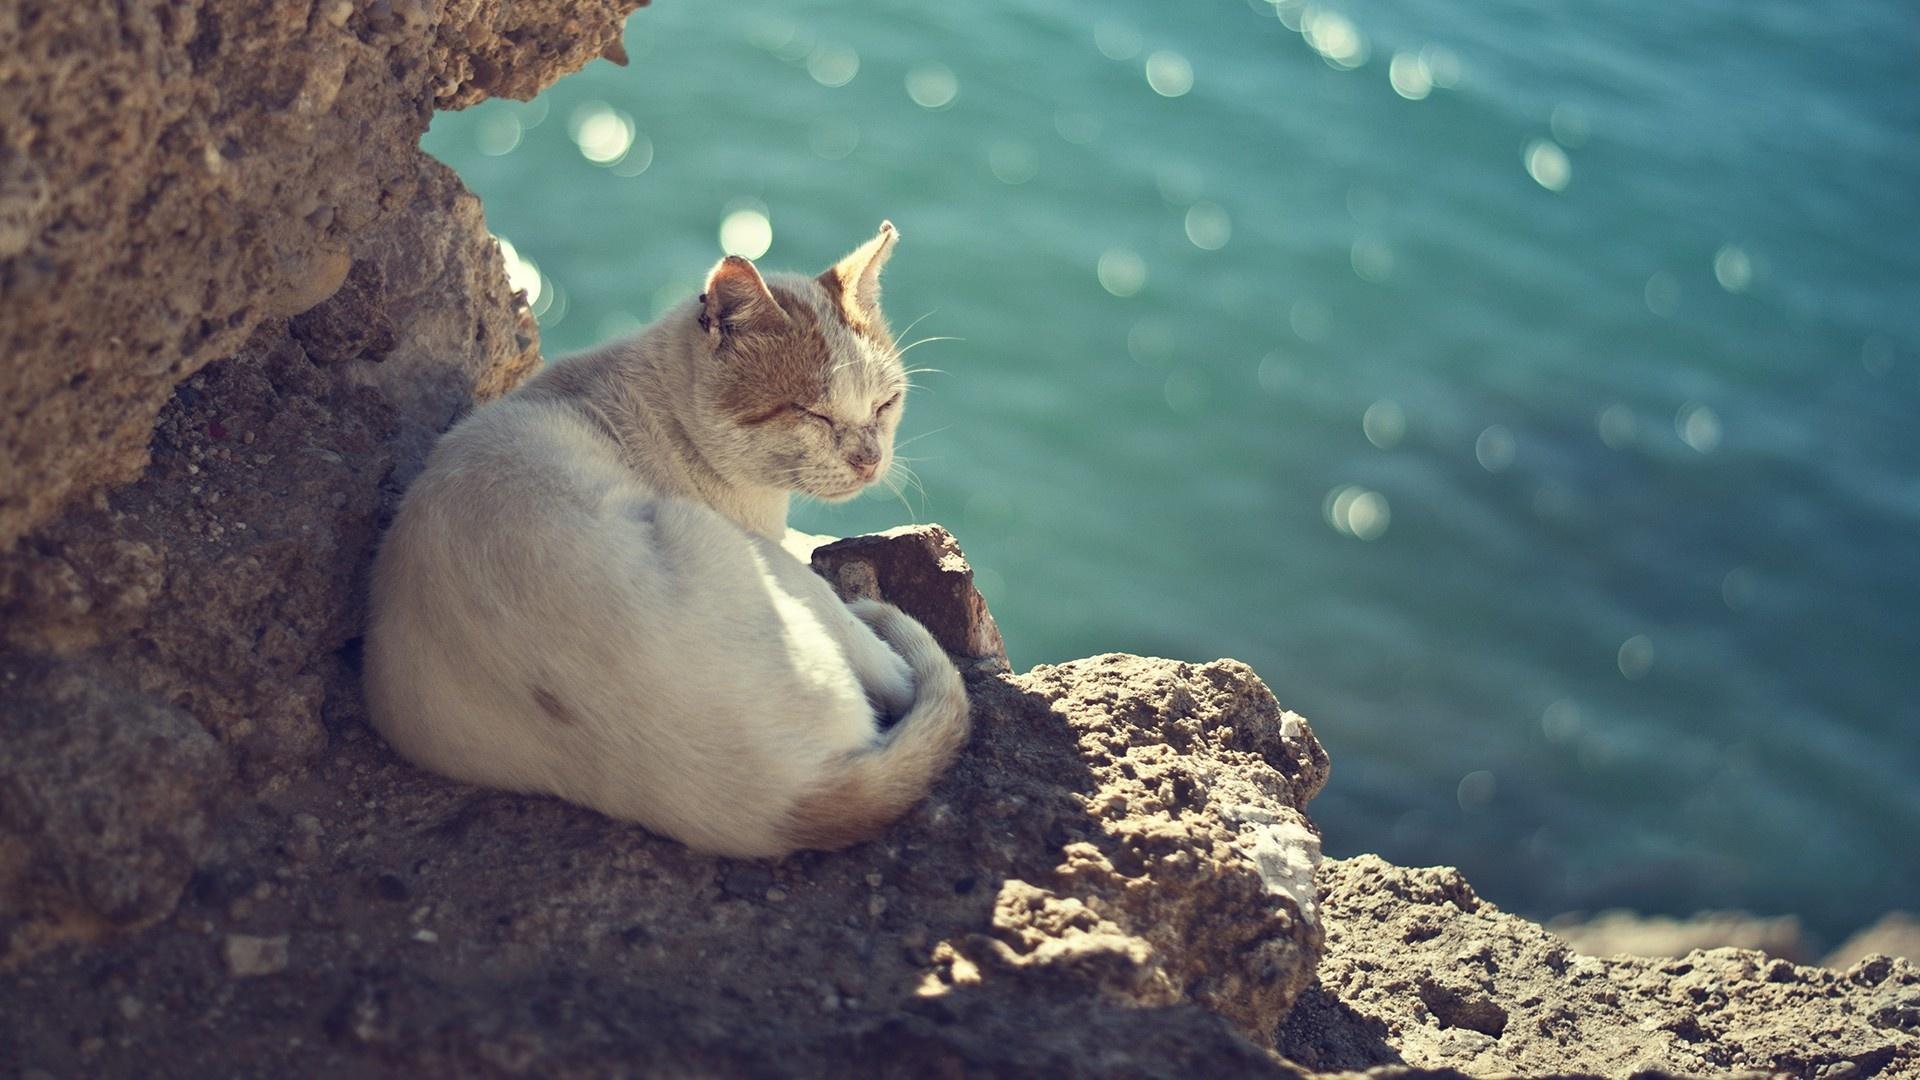 мой генерал, картинки котята в море яркий неповторимый стиль